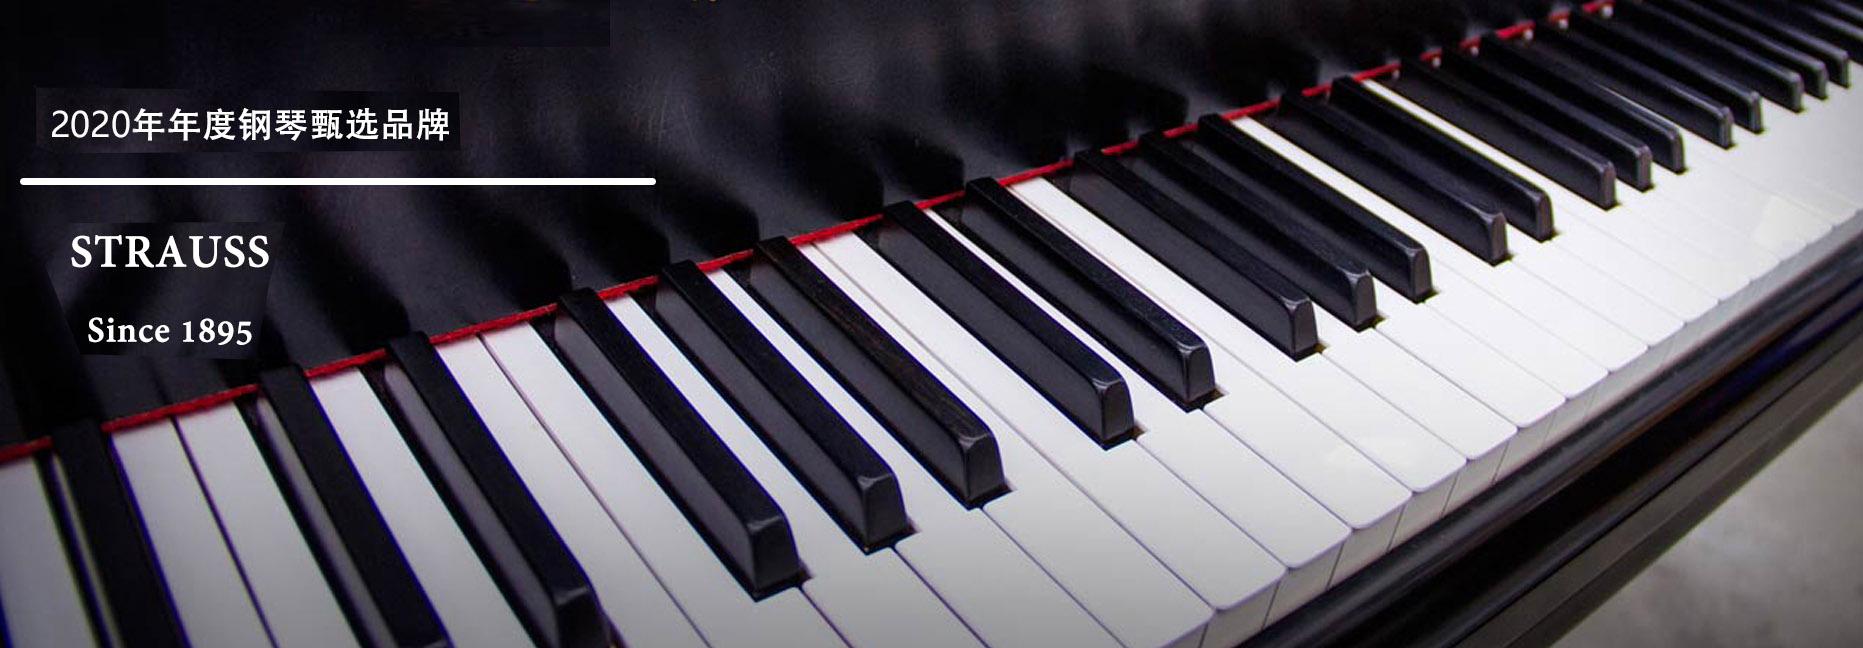 2020年性价比钢琴系列